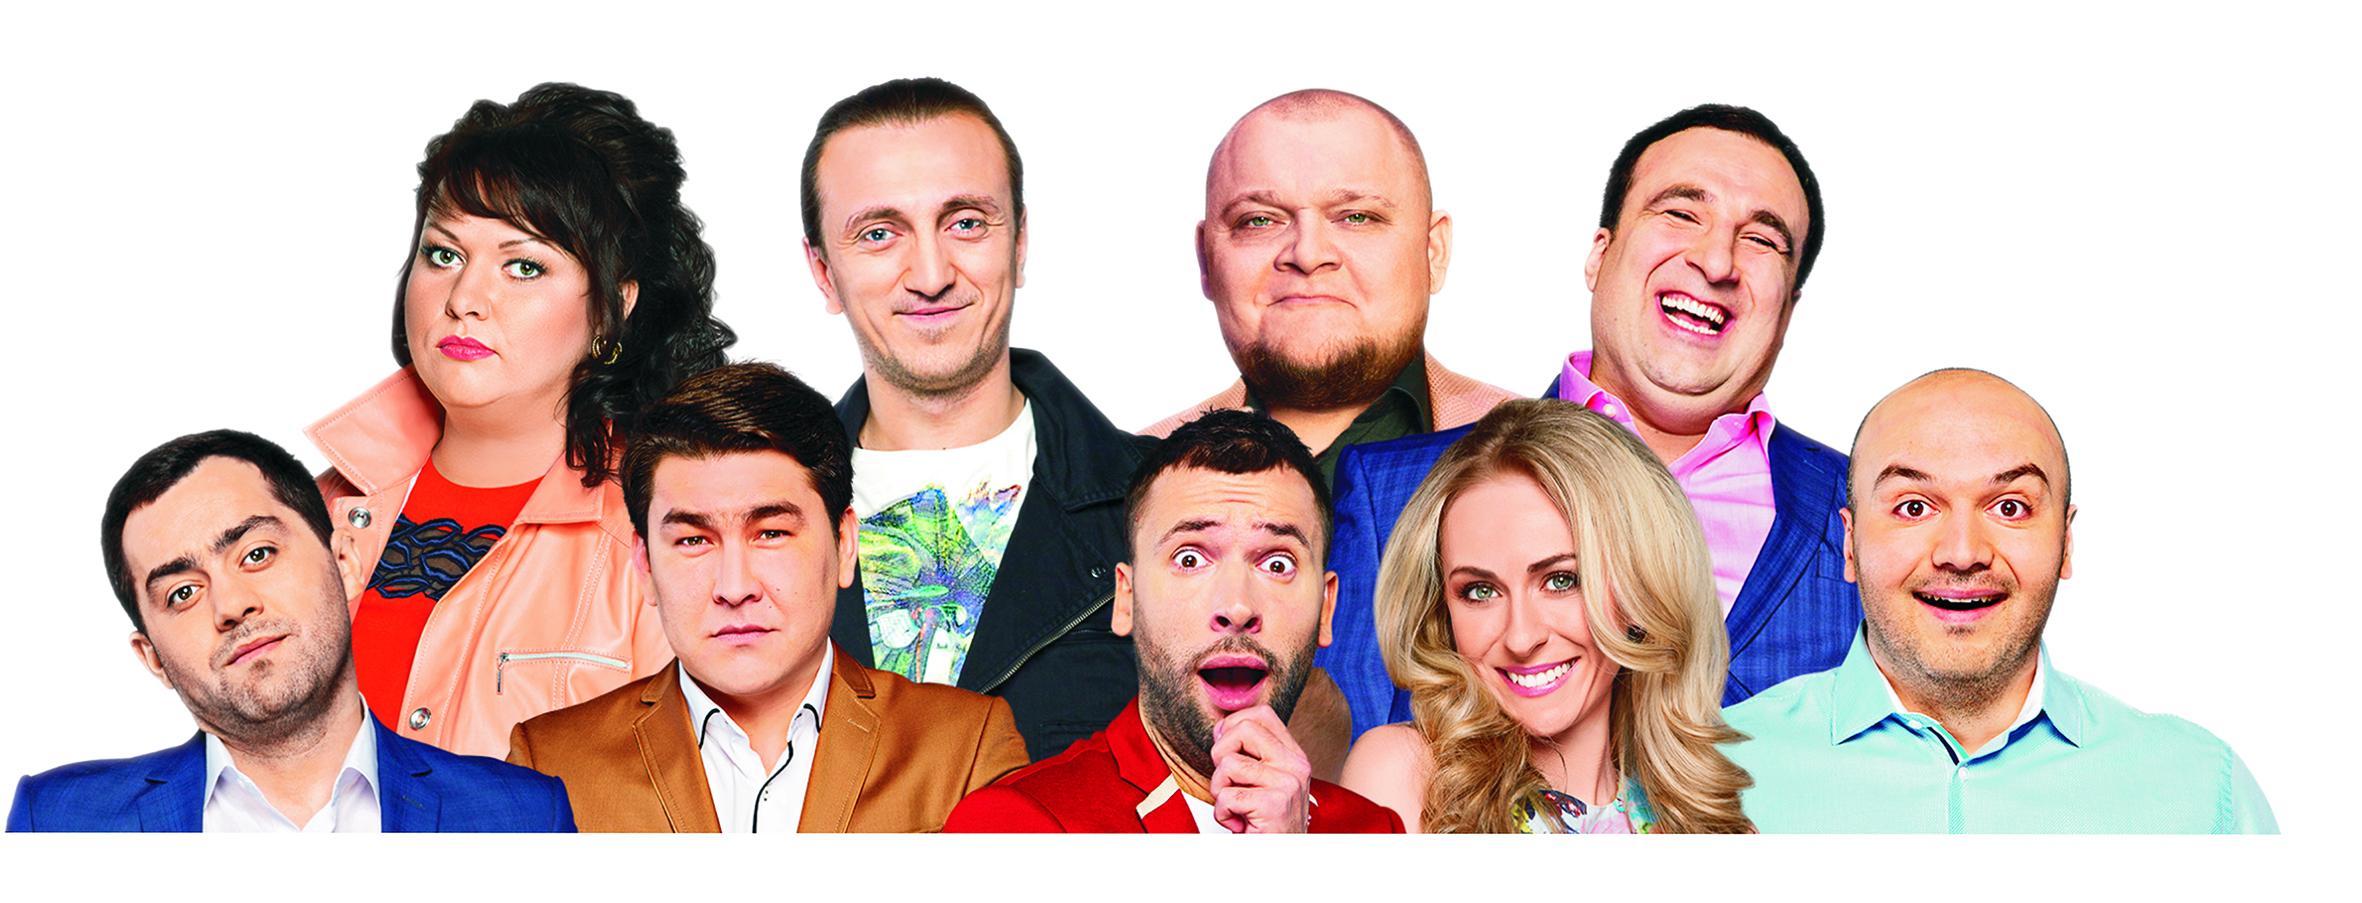 «Однажды в России»: лучшее юмористическое шоу в июле Израиле!